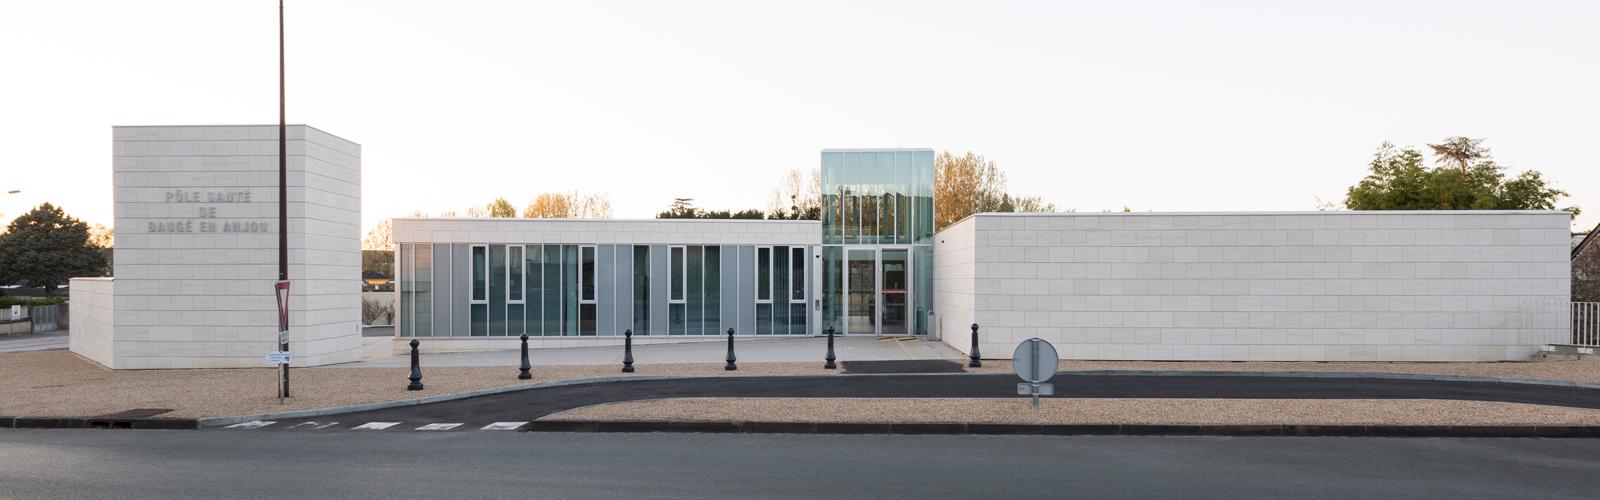 maison médical